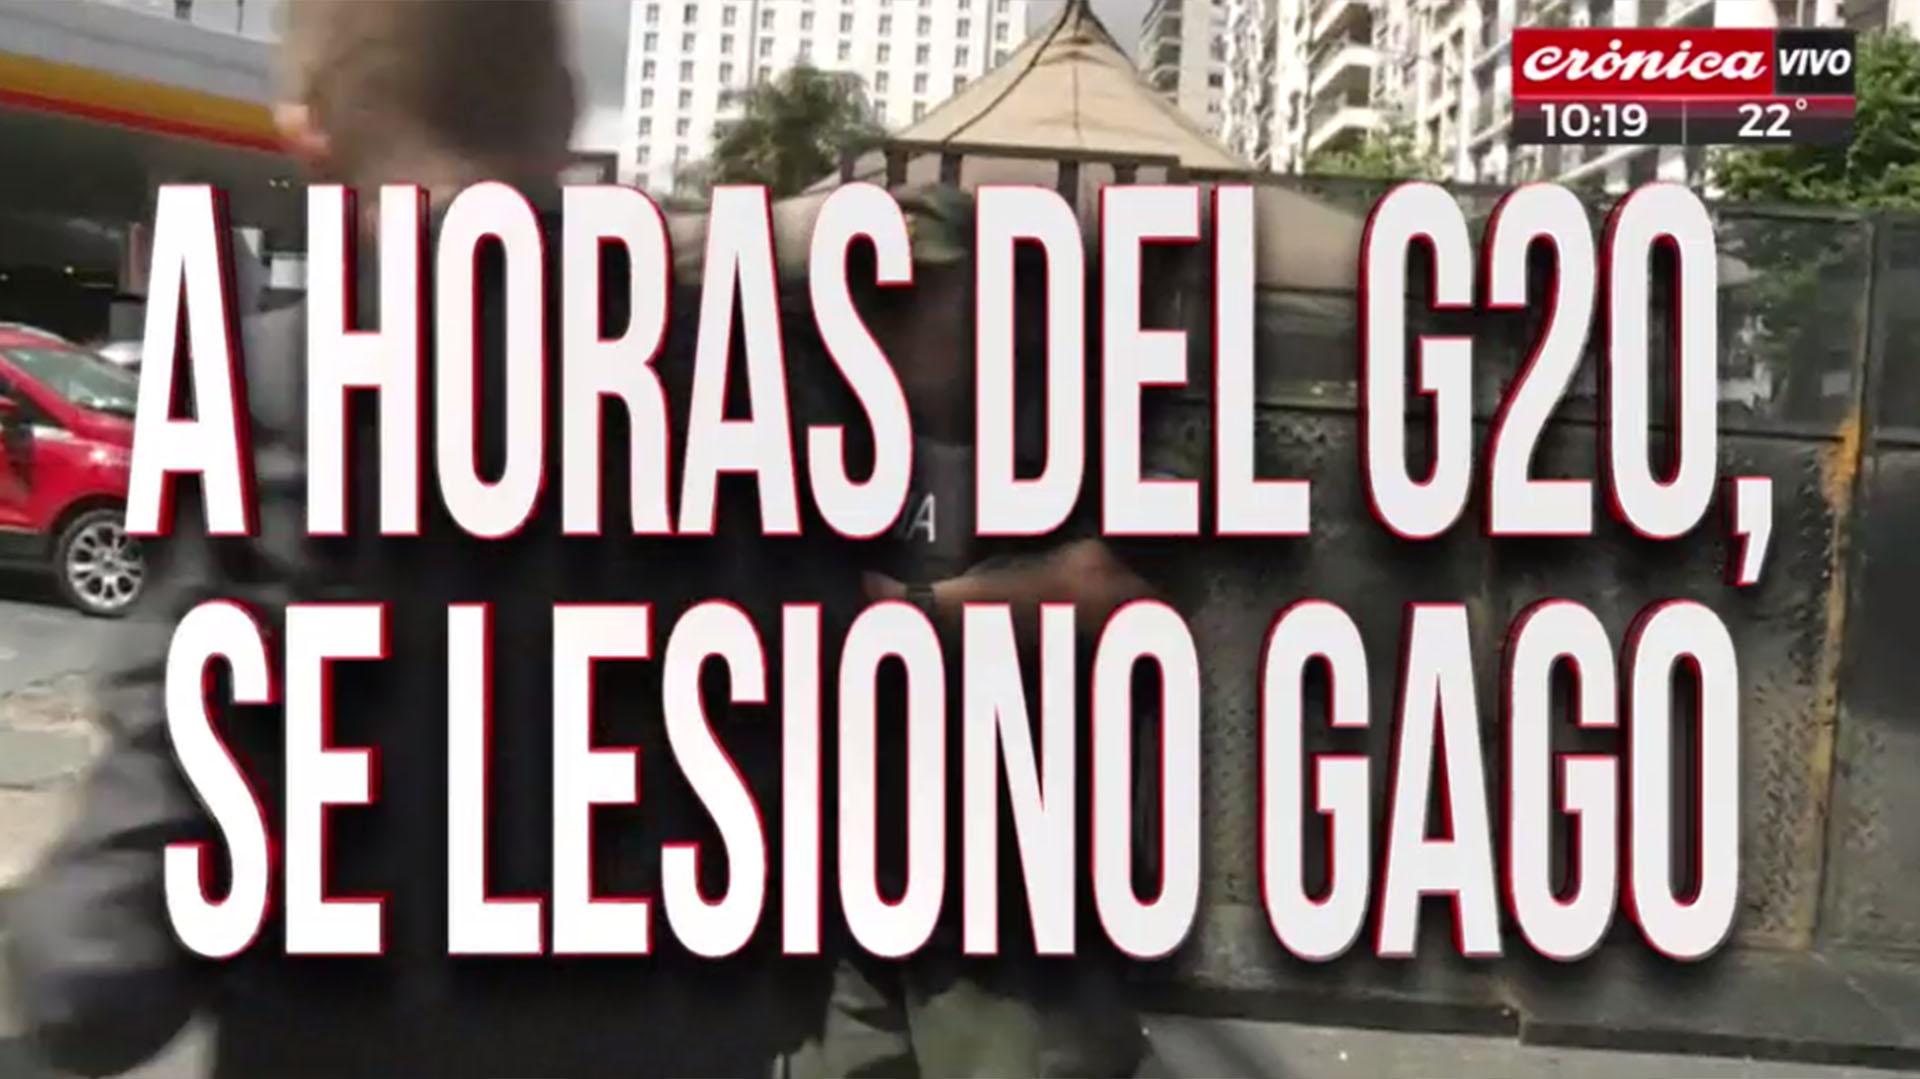 Bromas sobre los problemas de Gago